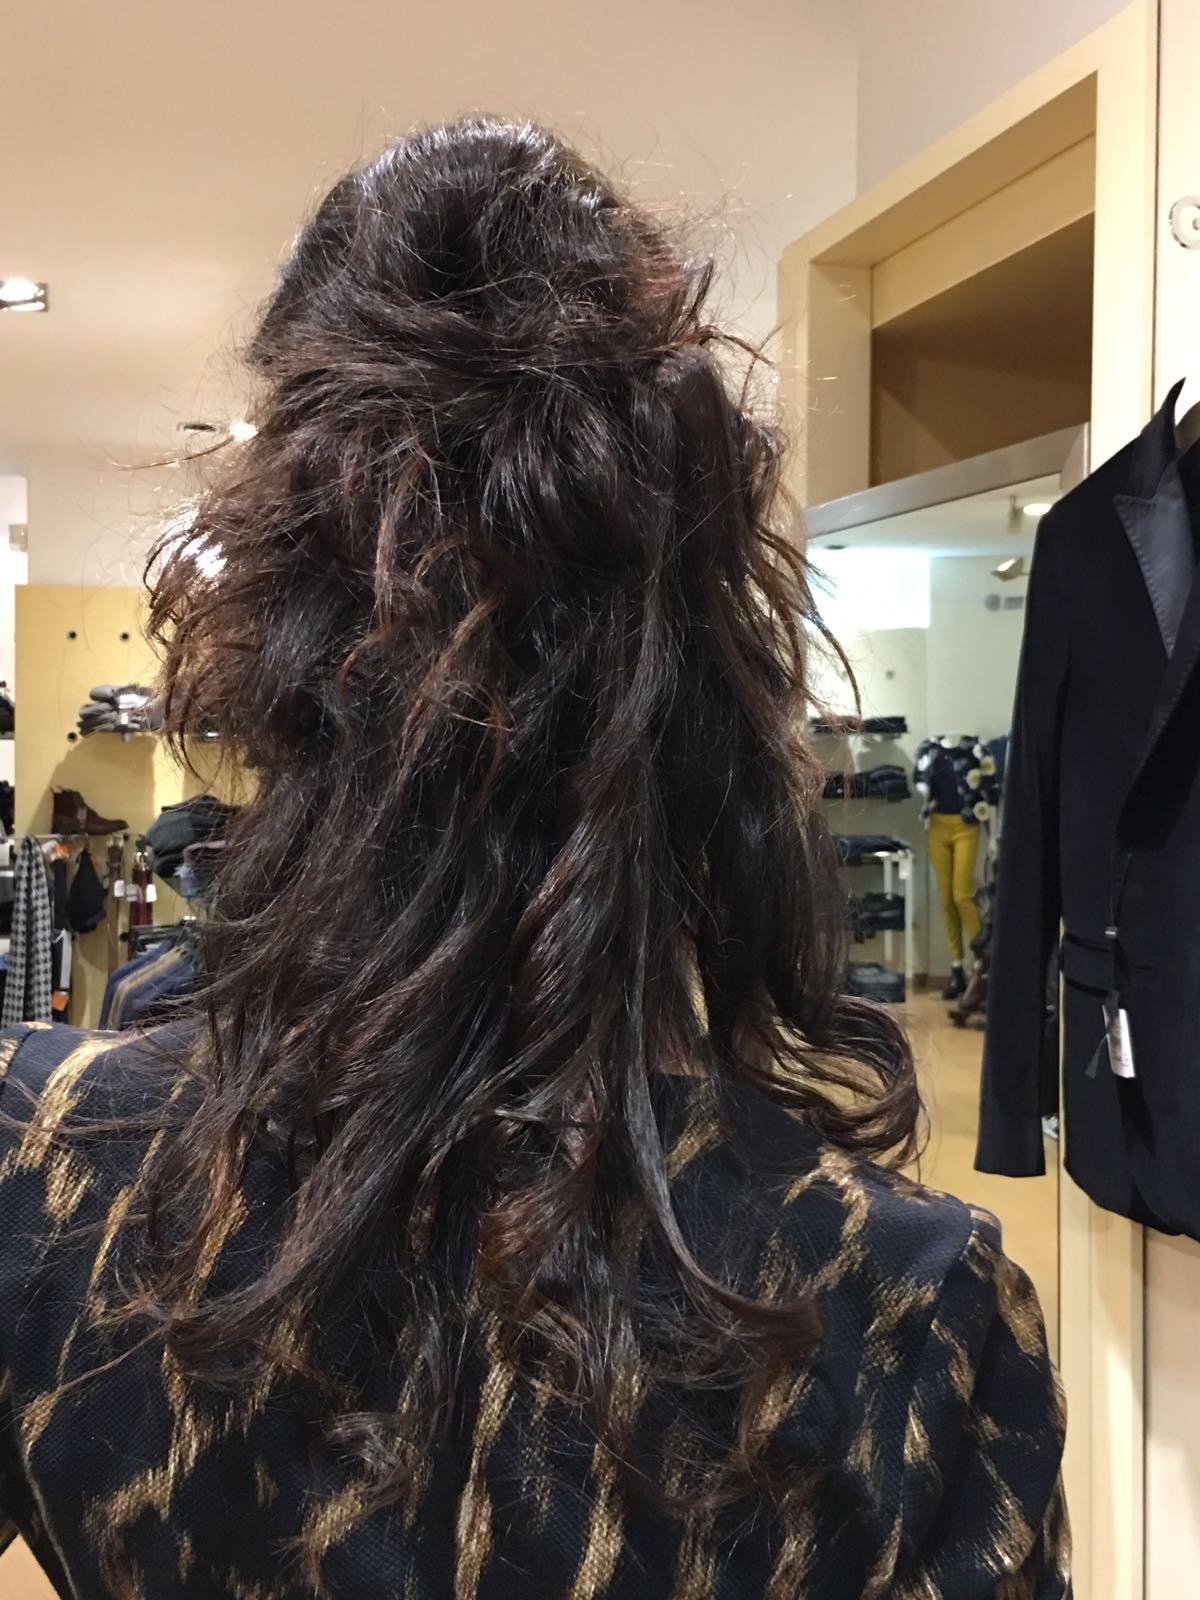 Ragazza con lunghi capelli mossi parzialmente raccolti